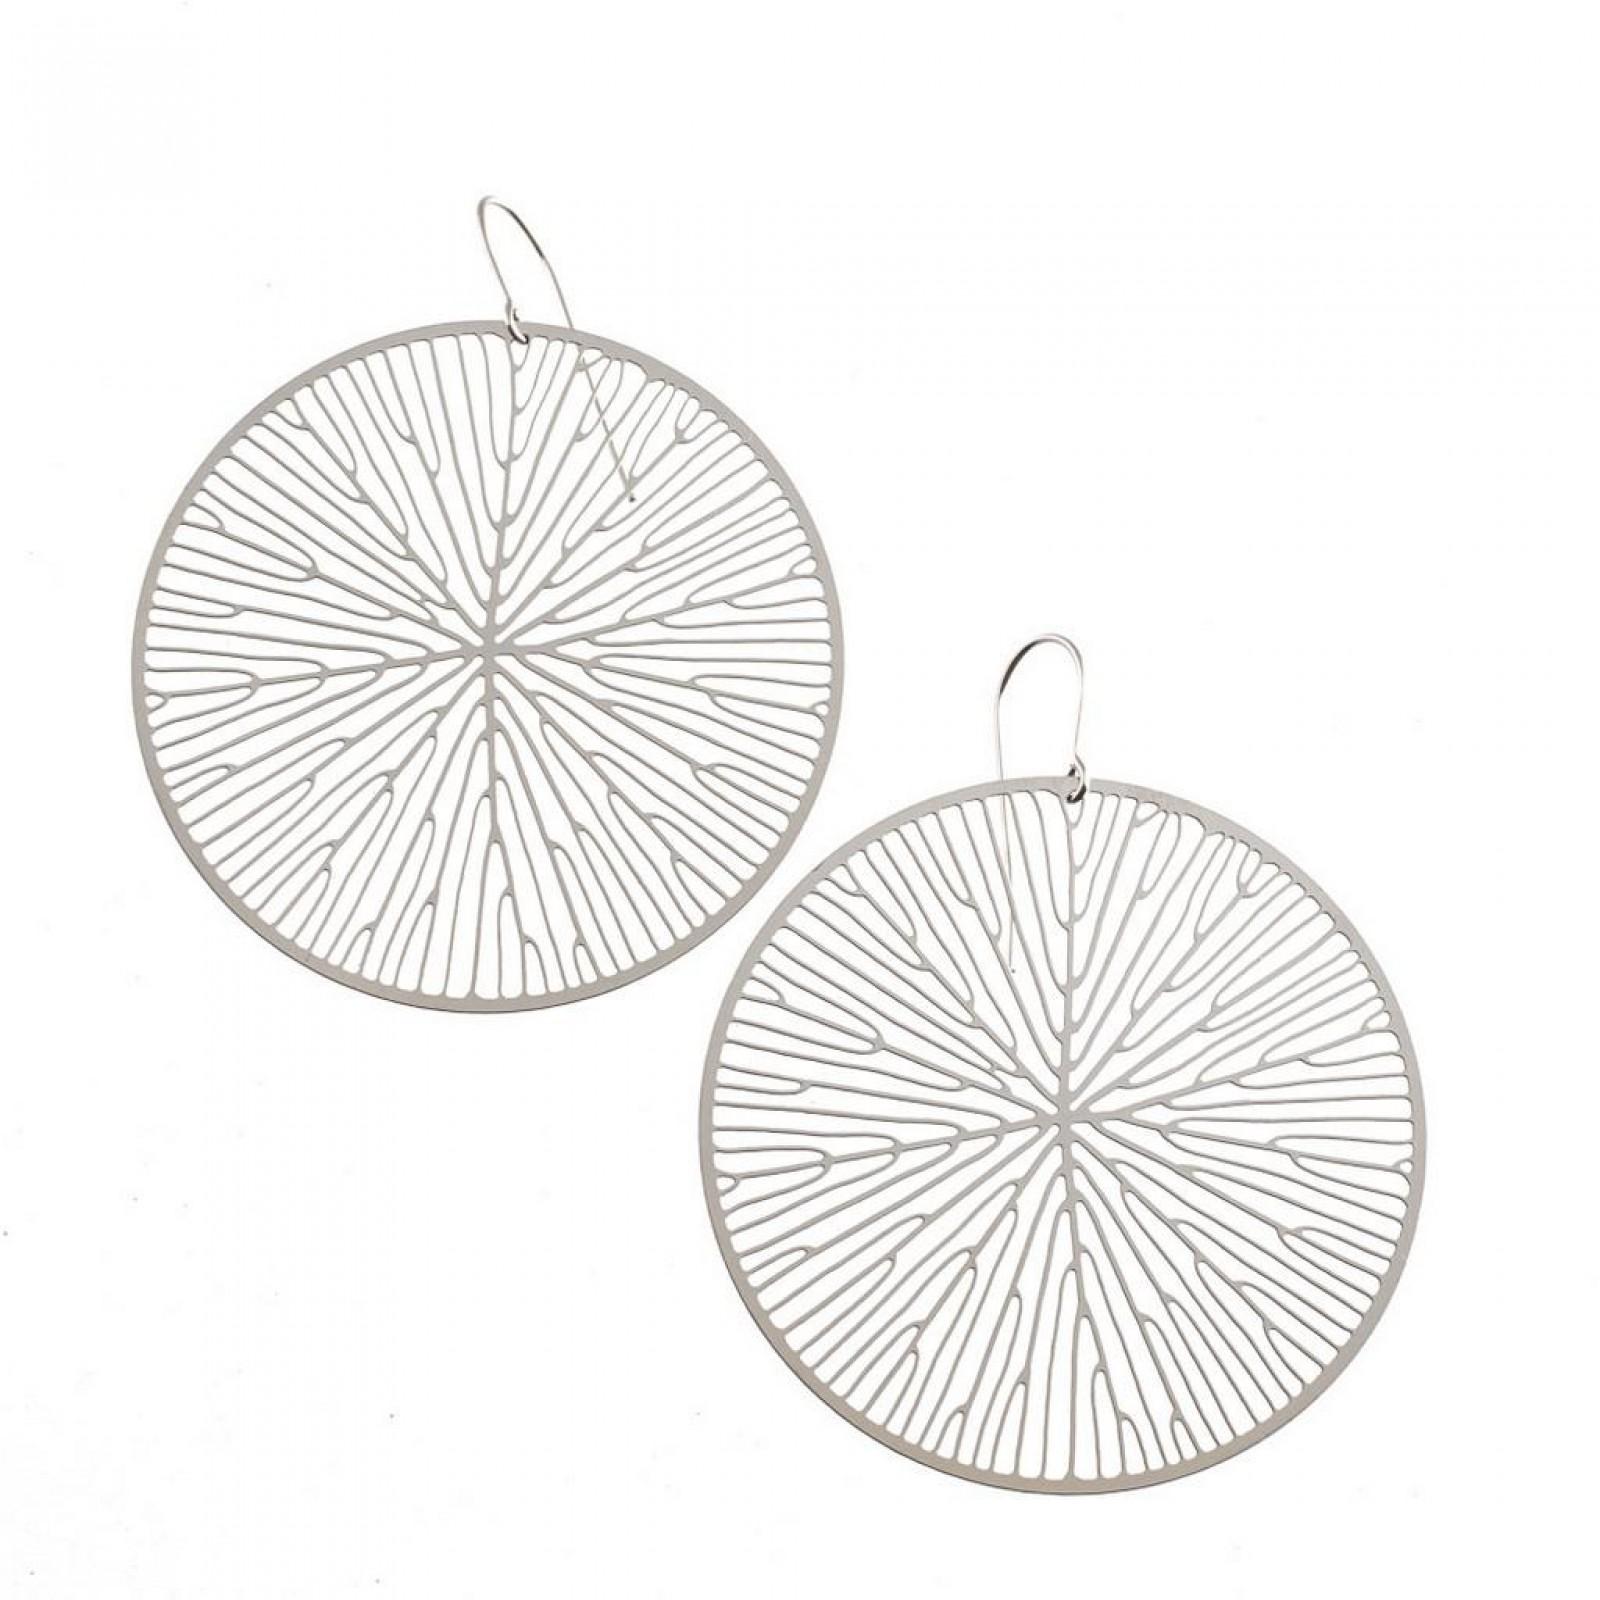 Peltate Earrings (Steel) - Nervous System